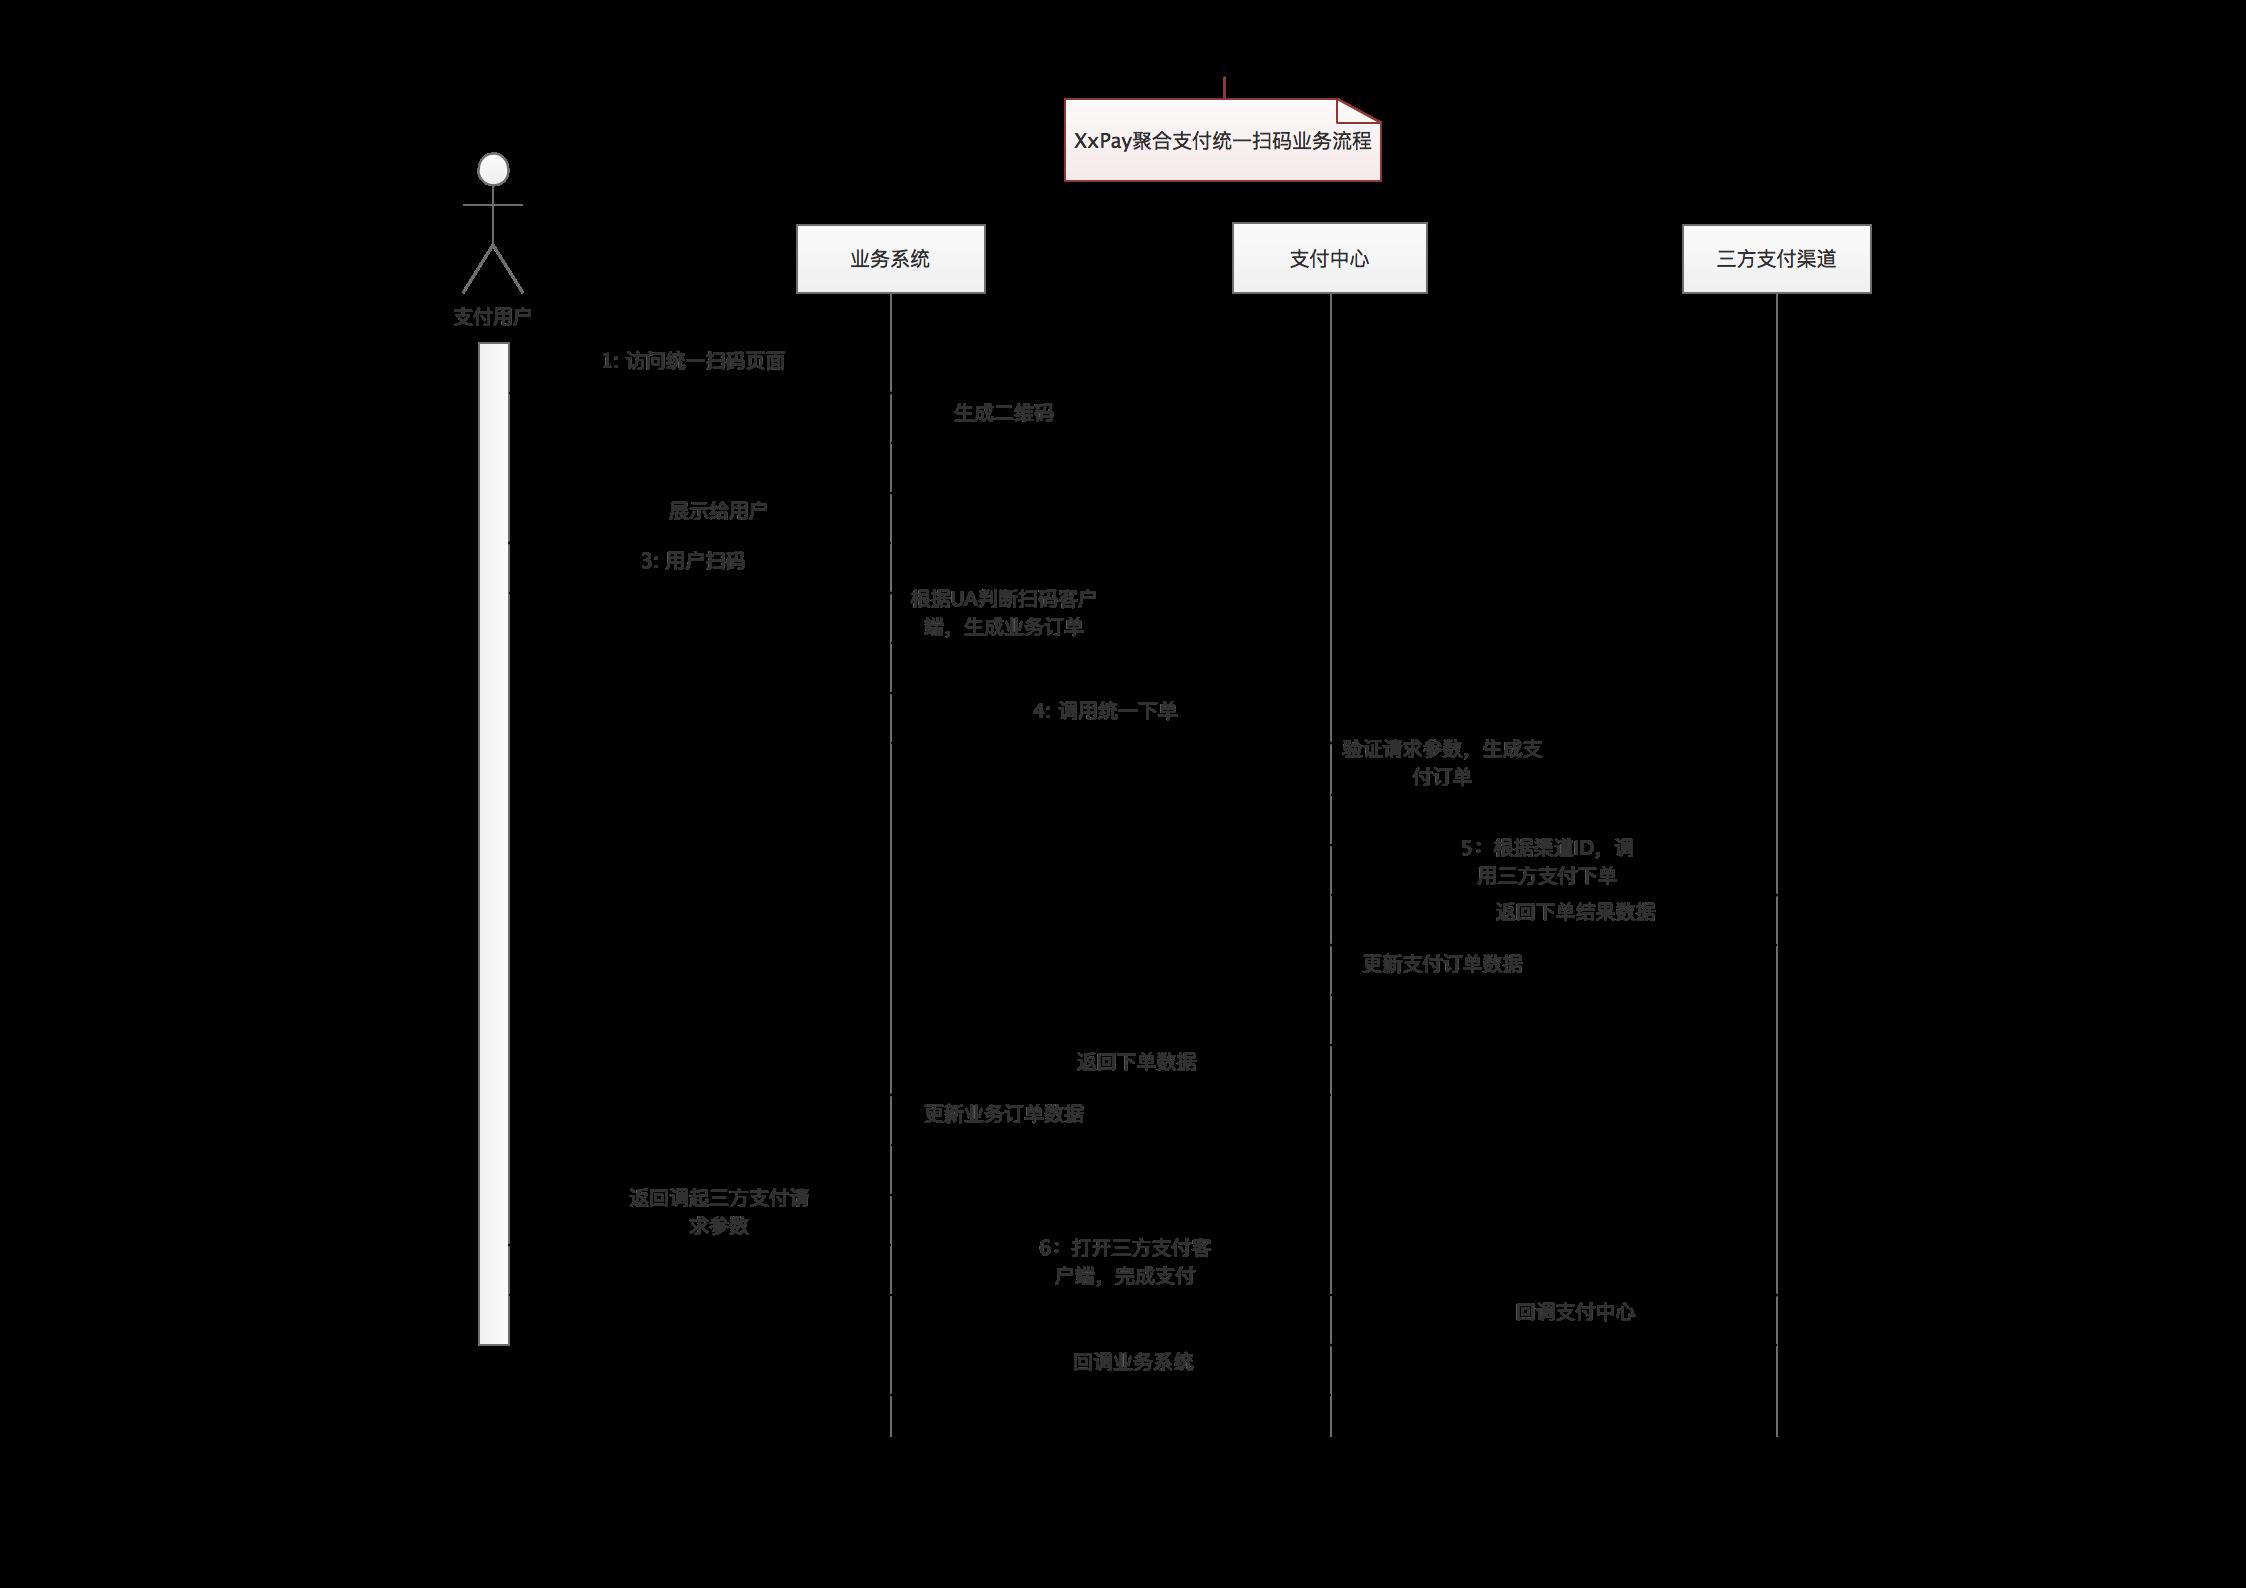 XxPay聚合支付扫码支付流程